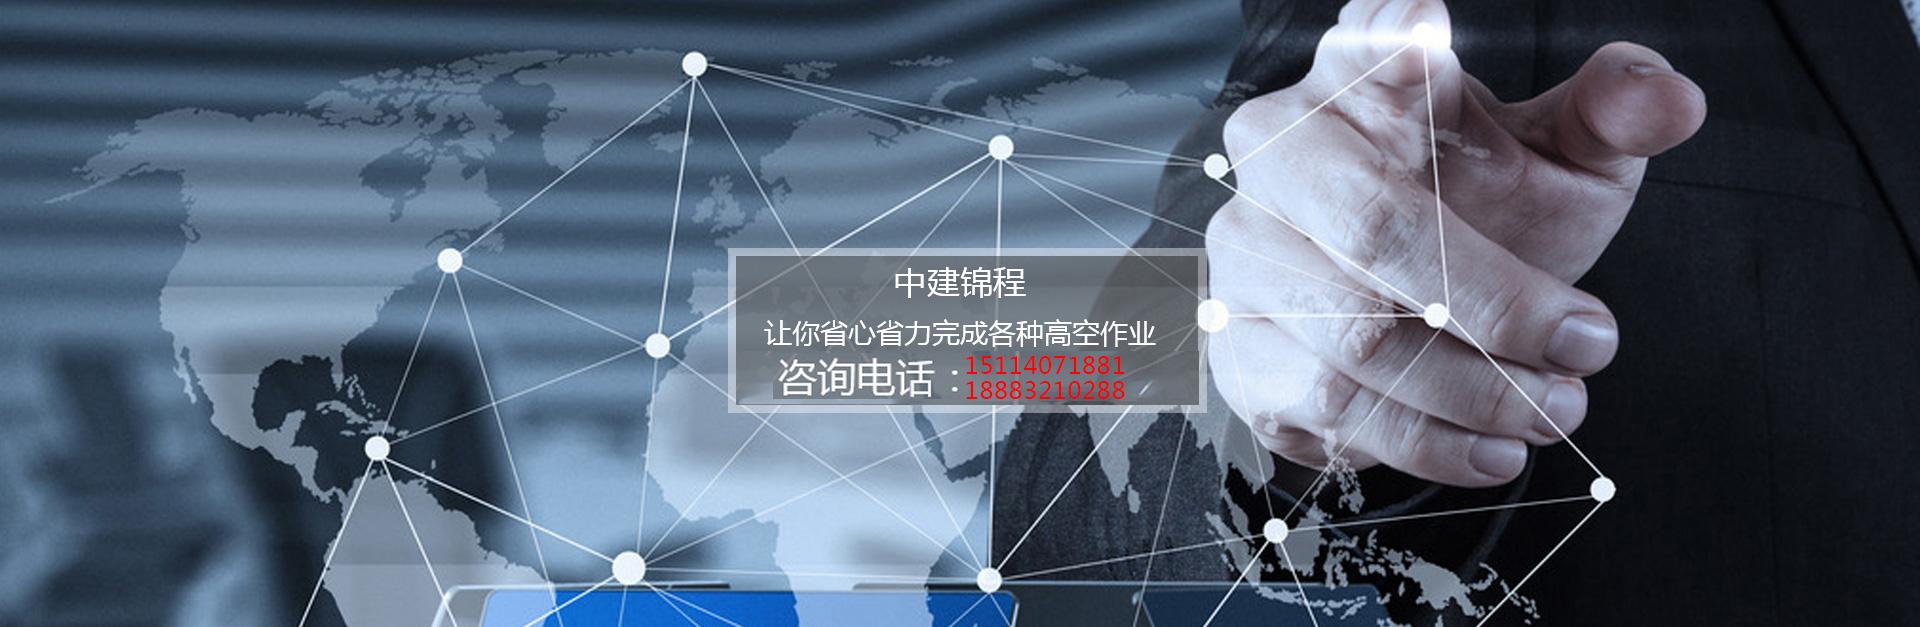 重庆高空车租赁